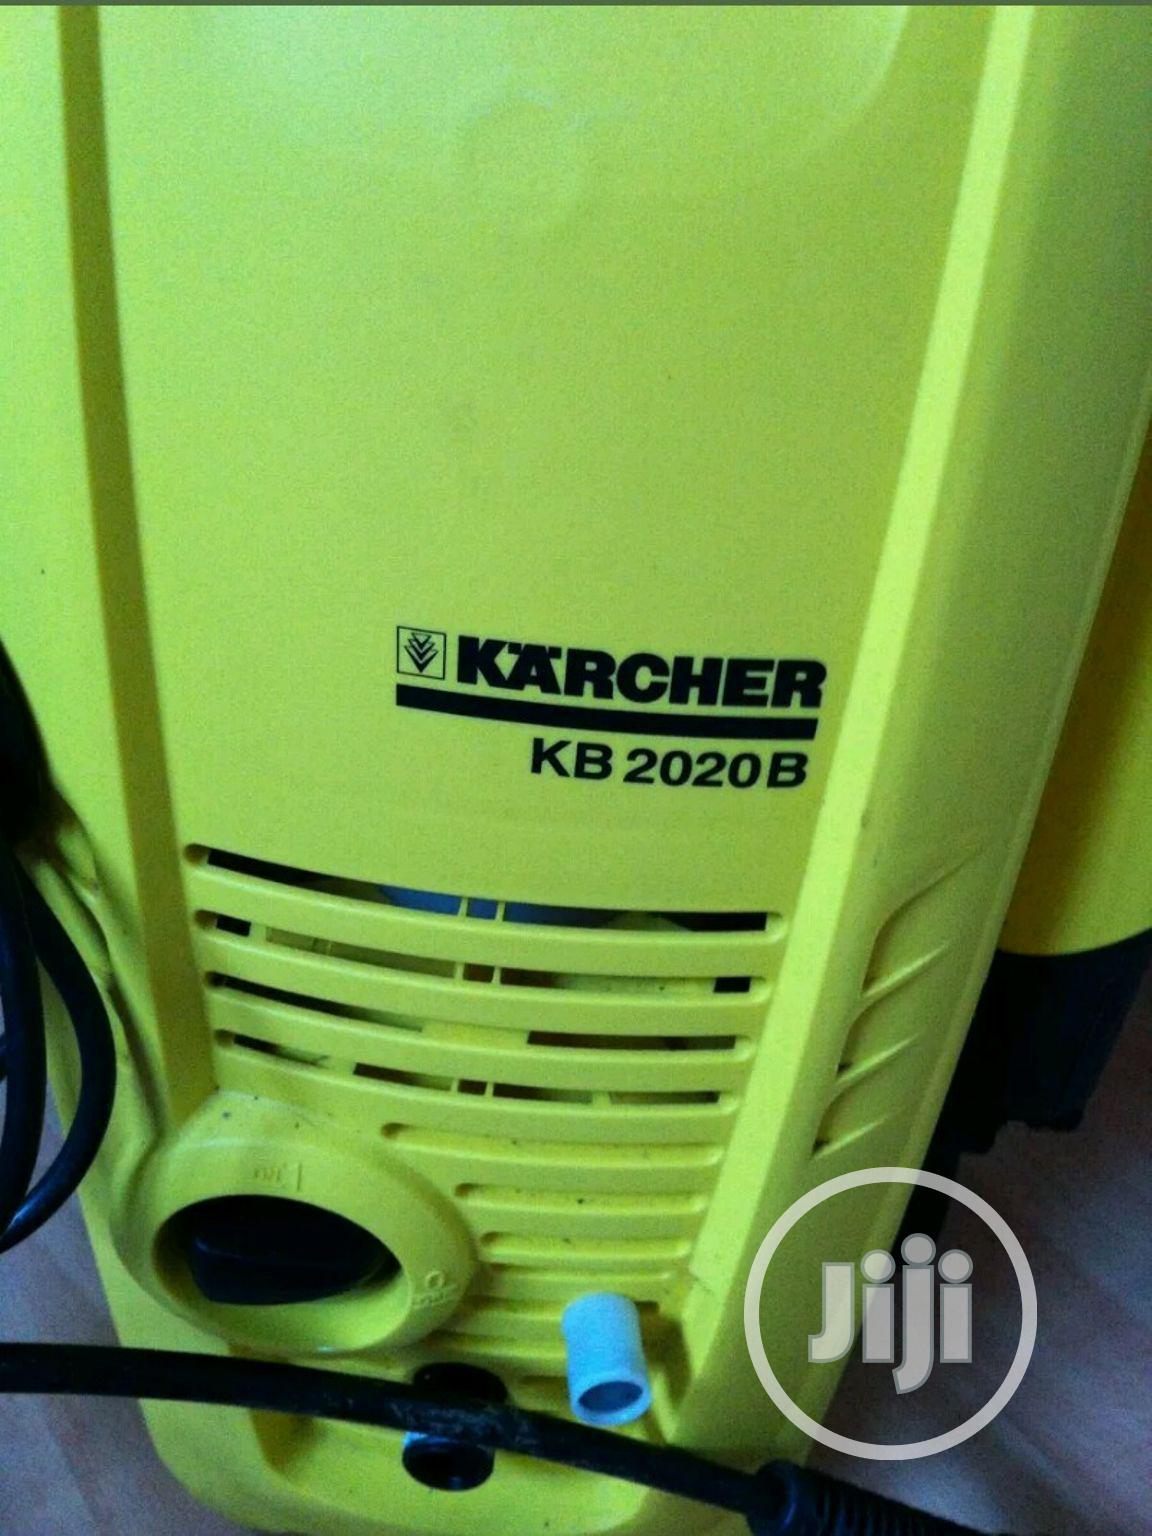 Karcher KB 2020 Pressure Washer